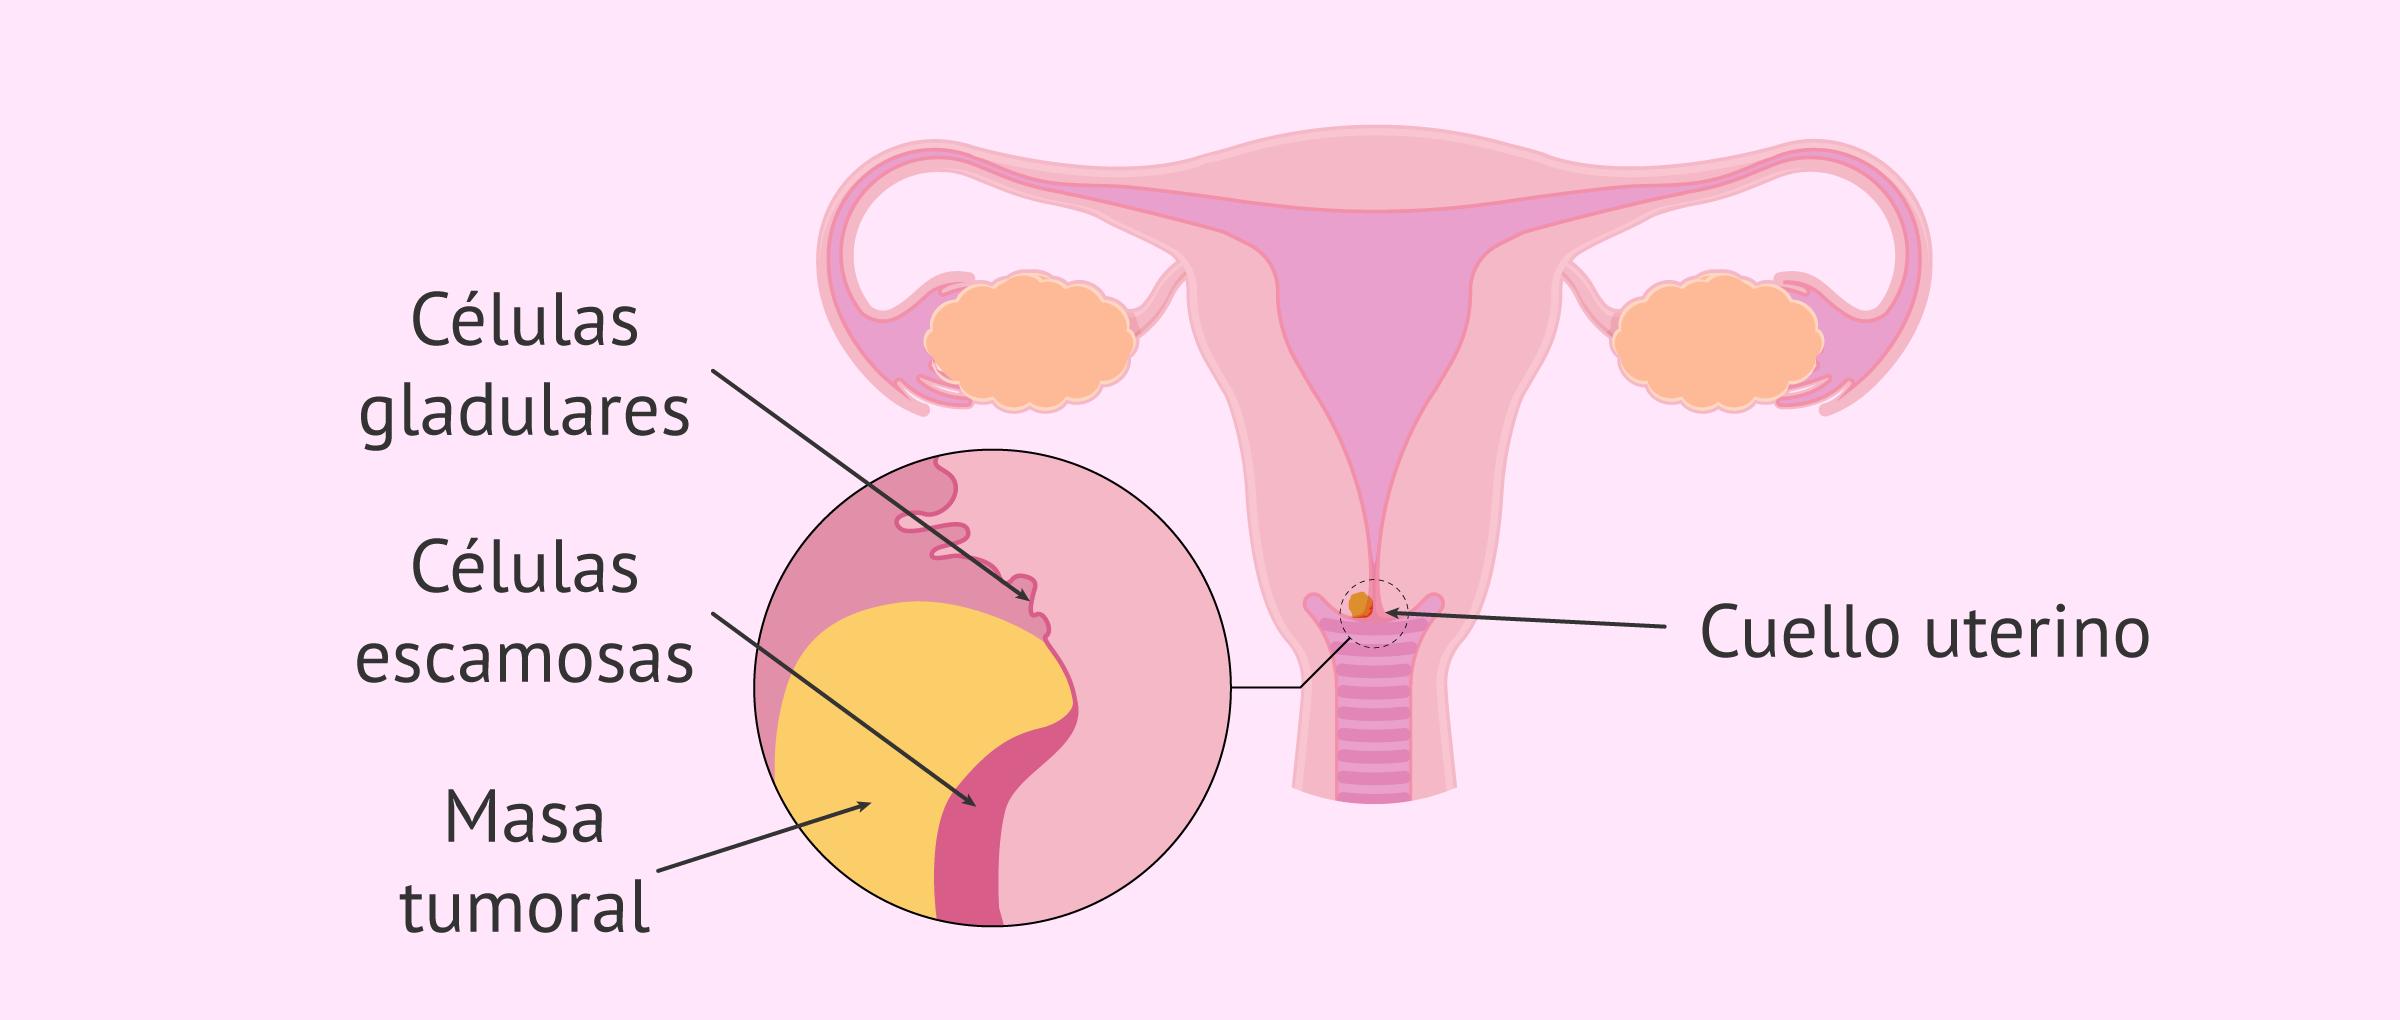 Cáncer de cuello de útero: síntomas, diagnóstico y tratamiento